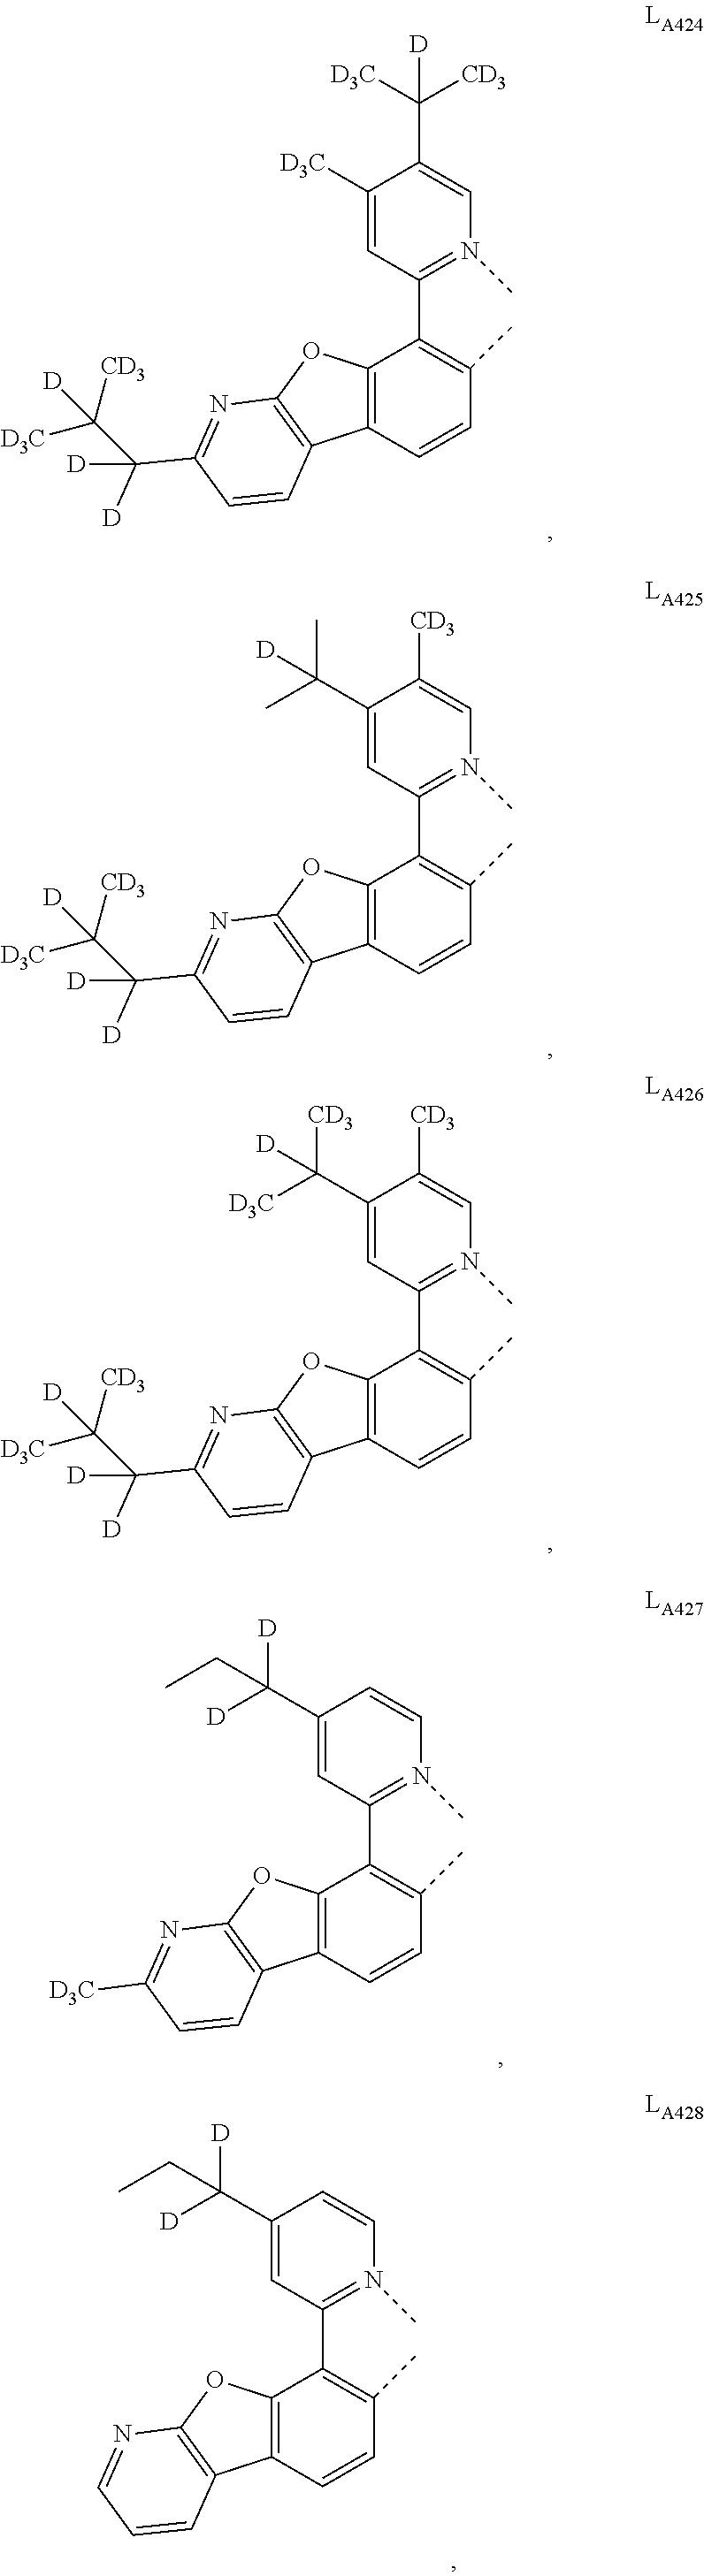 Figure US20160049599A1-20160218-C00493